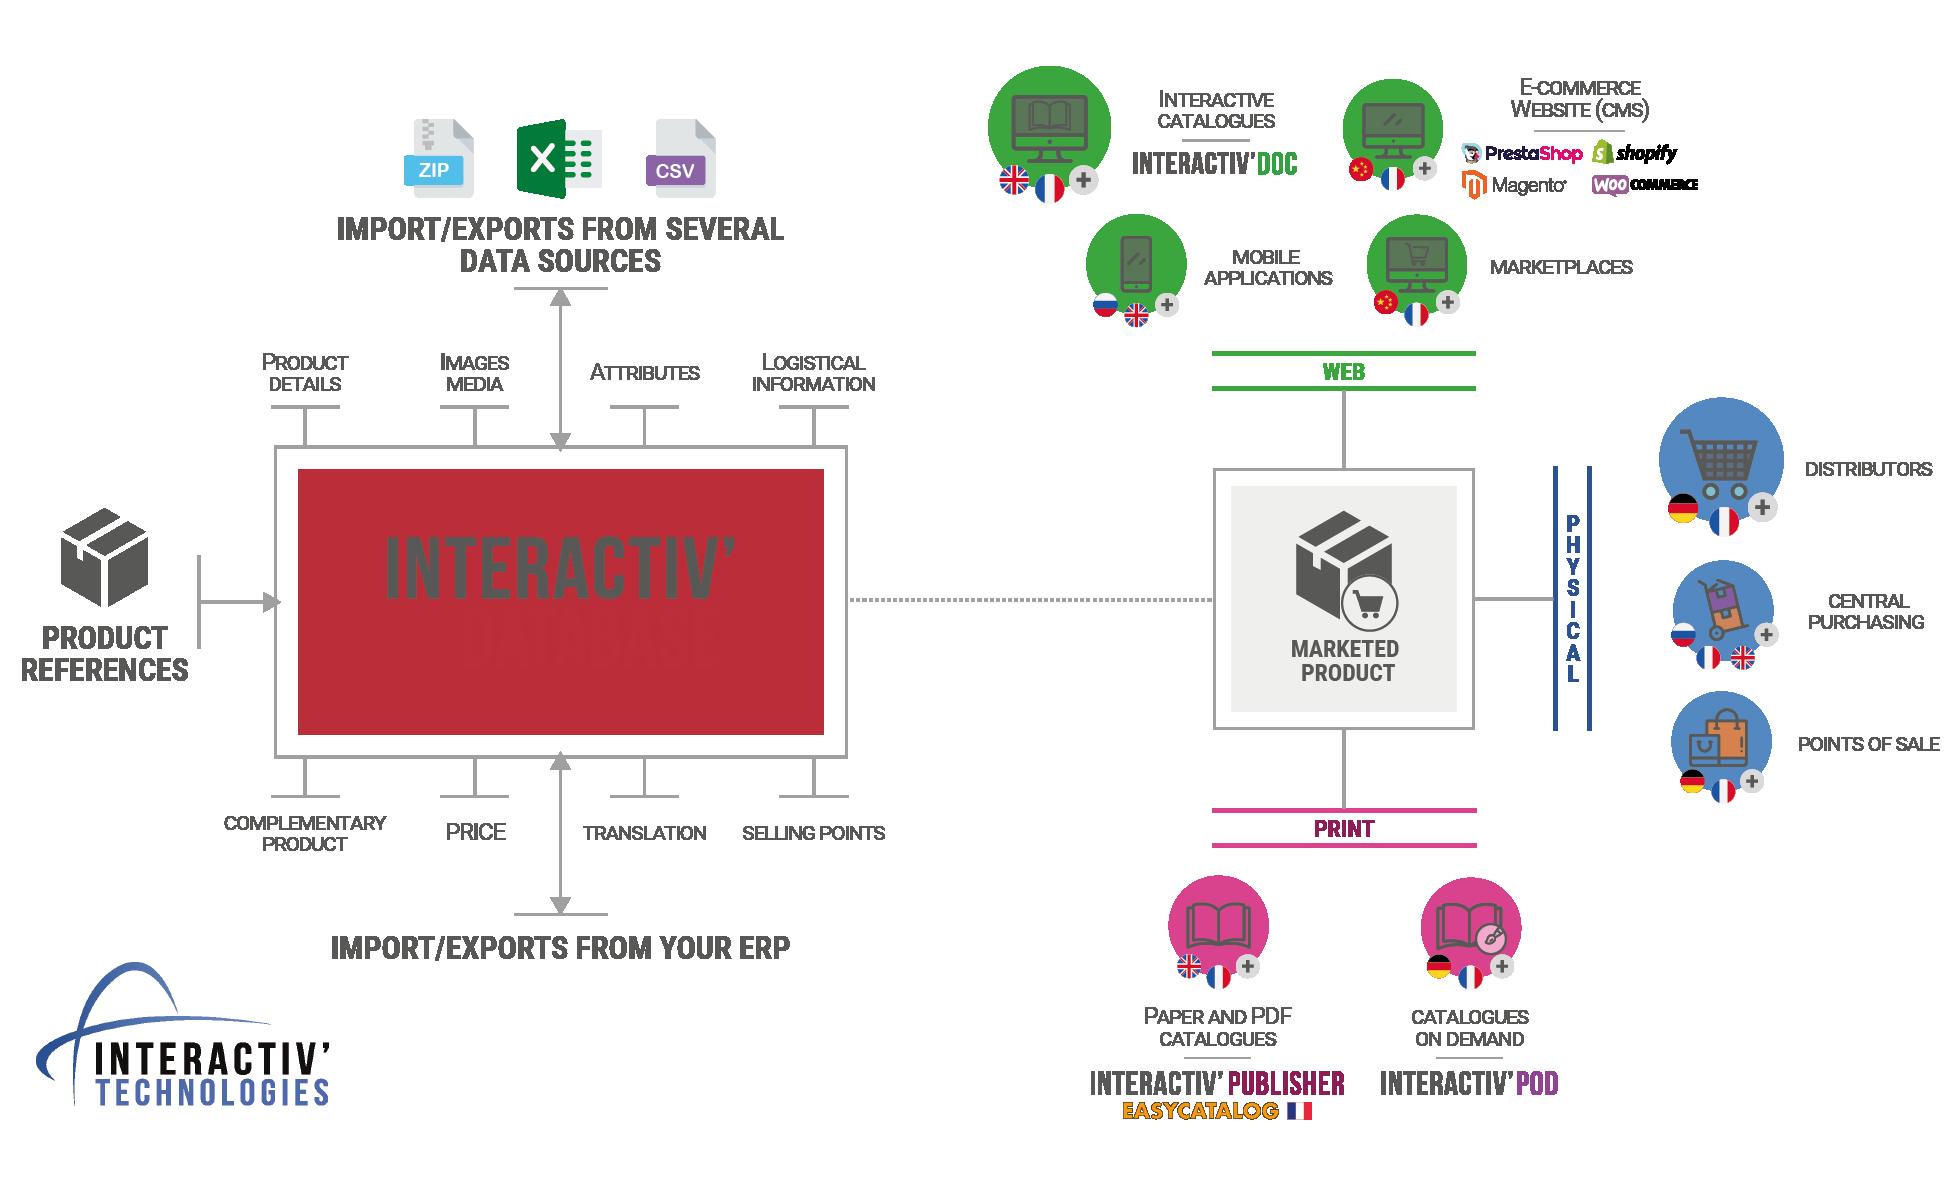 Database visual explanation